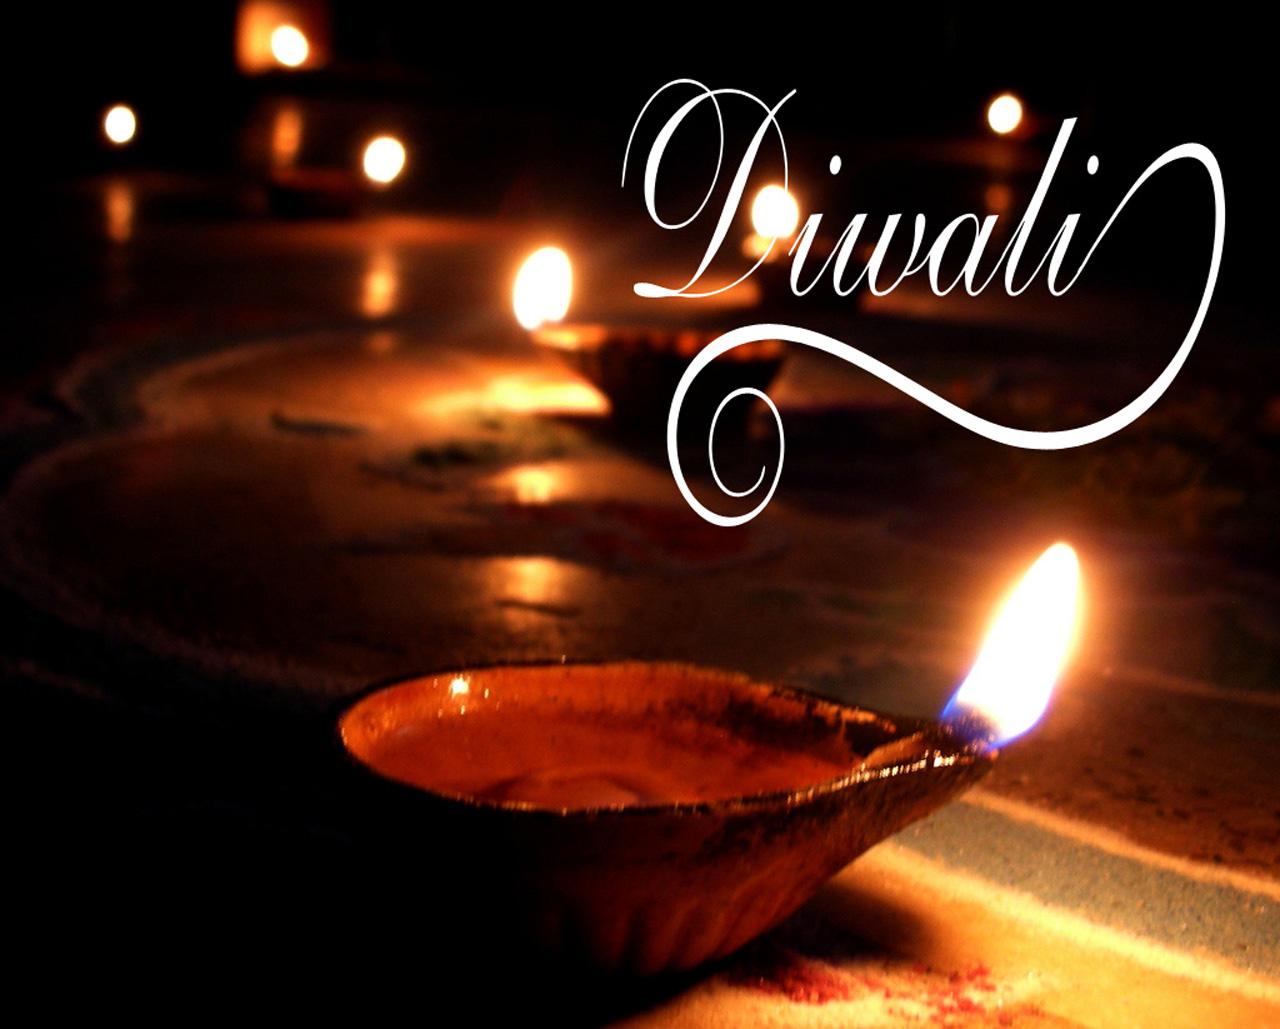 beautiful diwali wallpaper